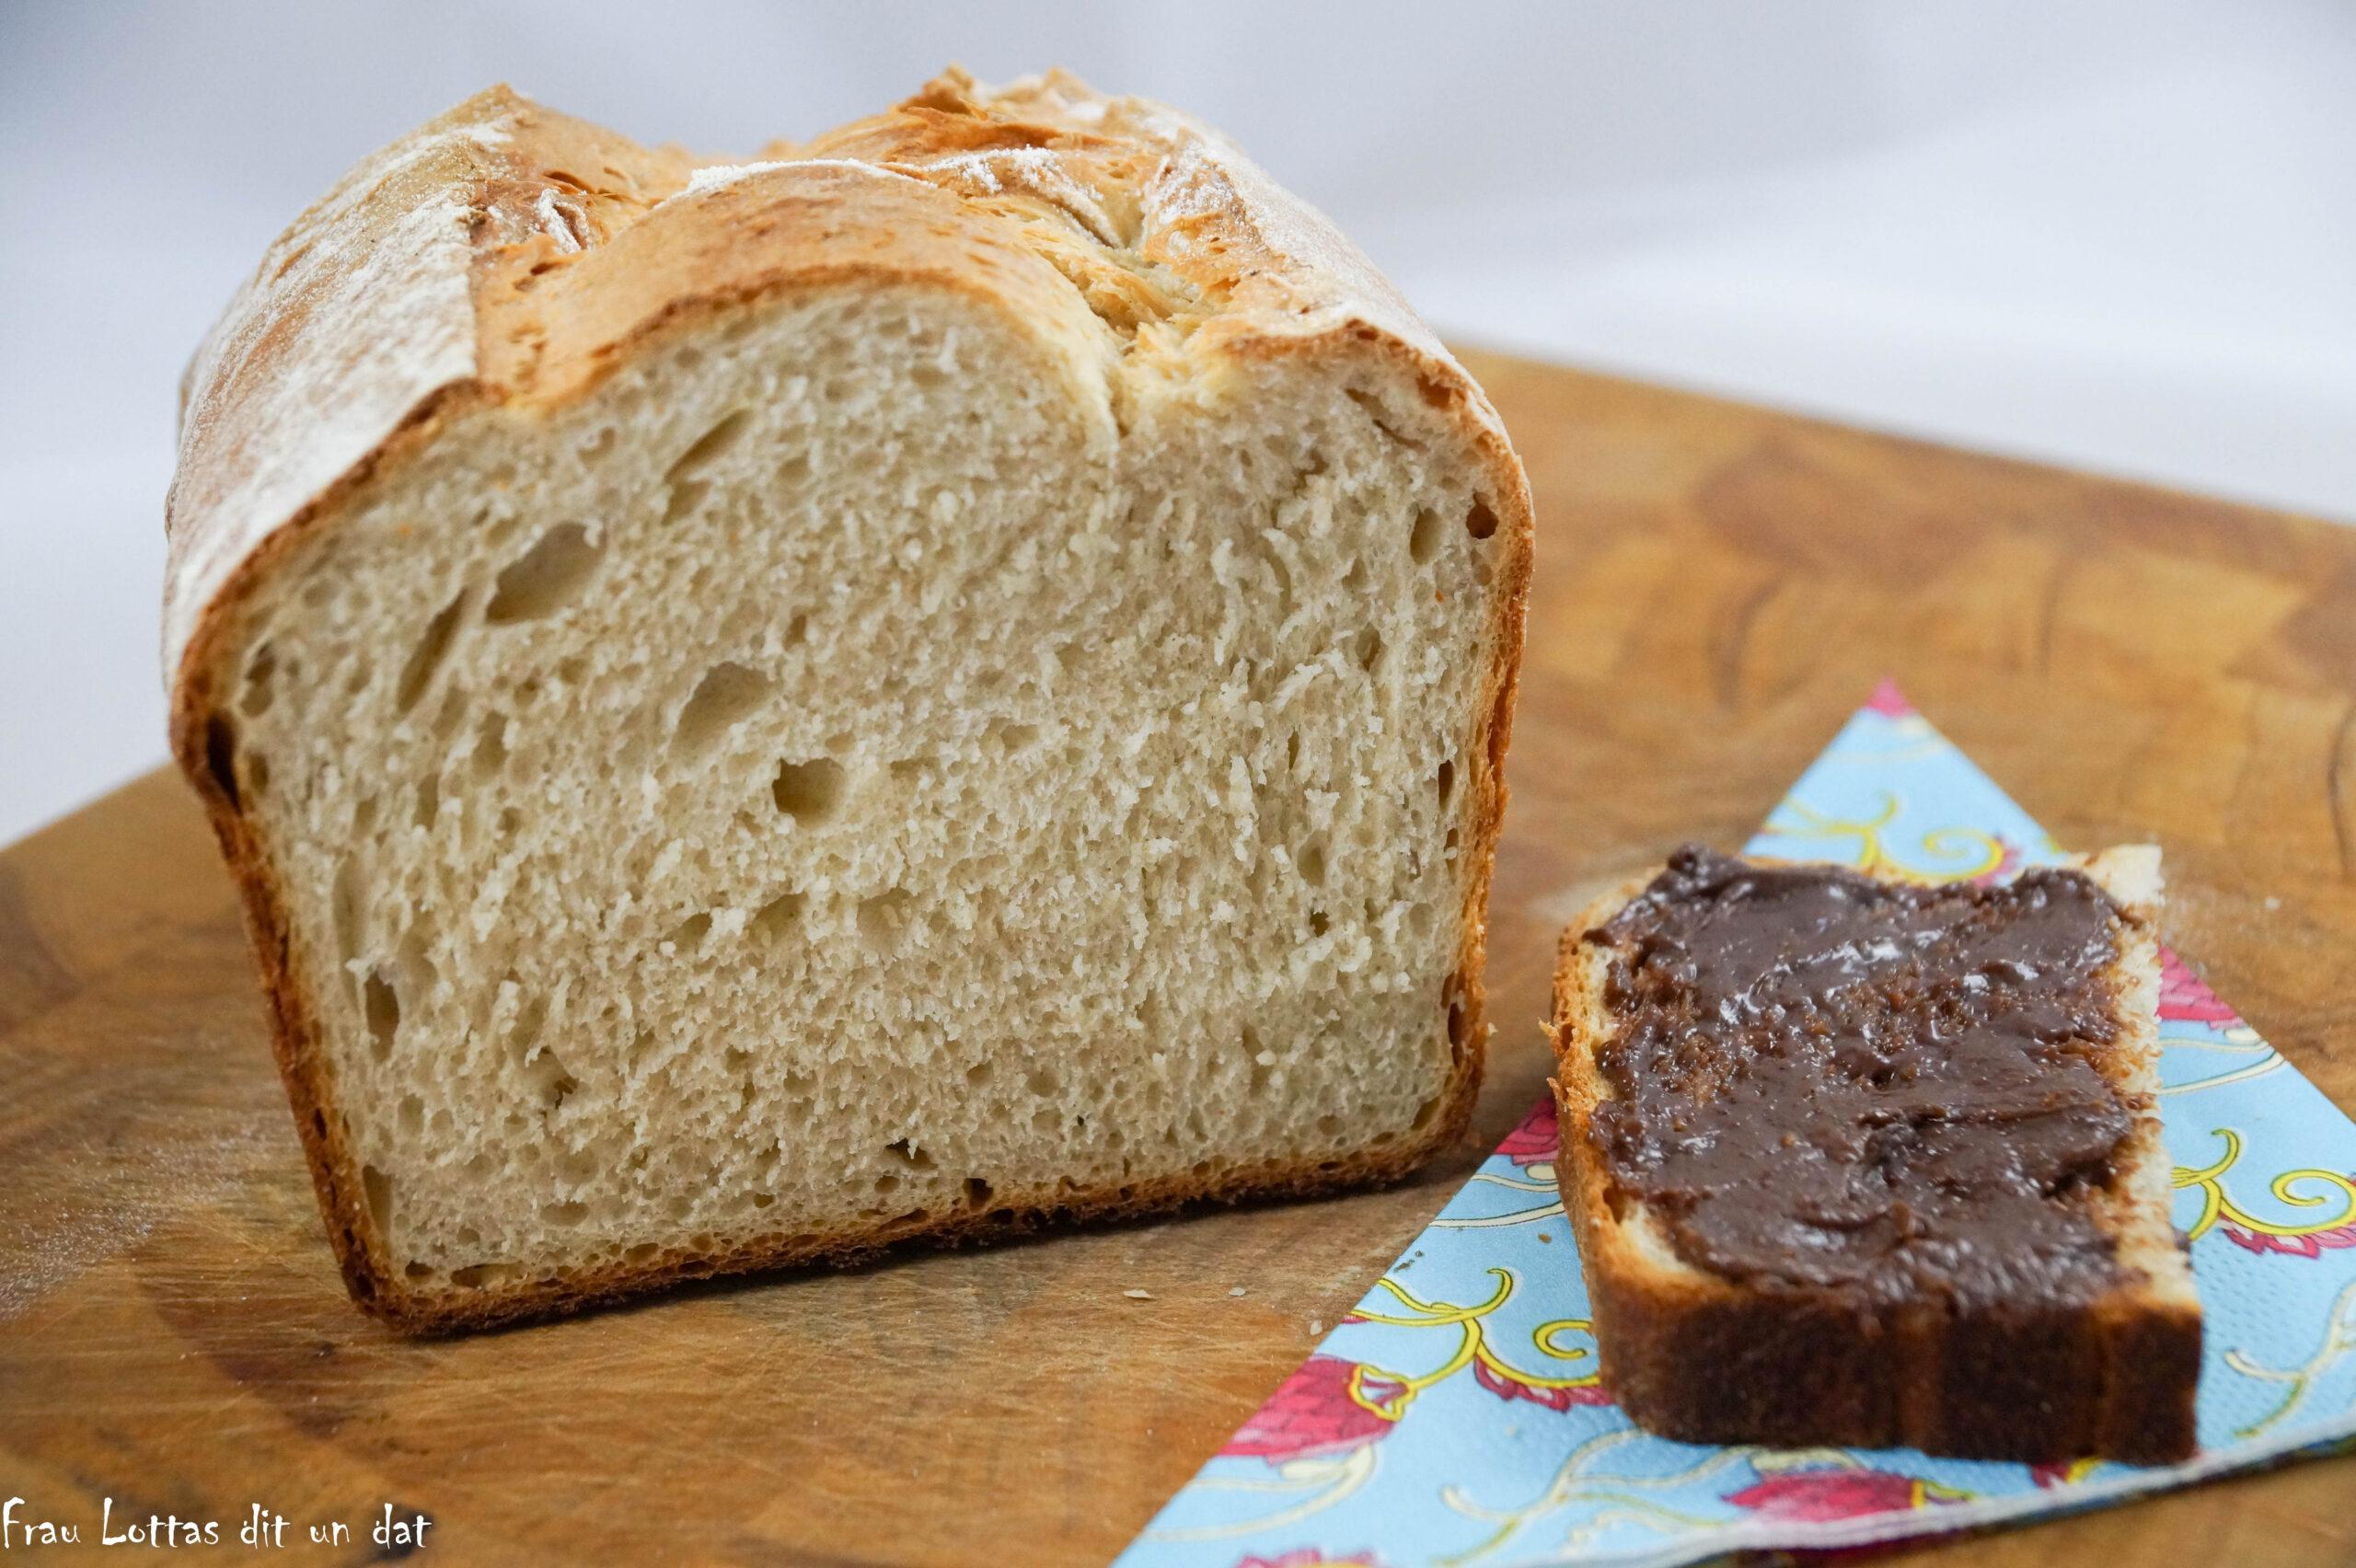 Aufgeschnittenes Toast, daneben eine halbe Scheibe beschmiert mit Schokocreme